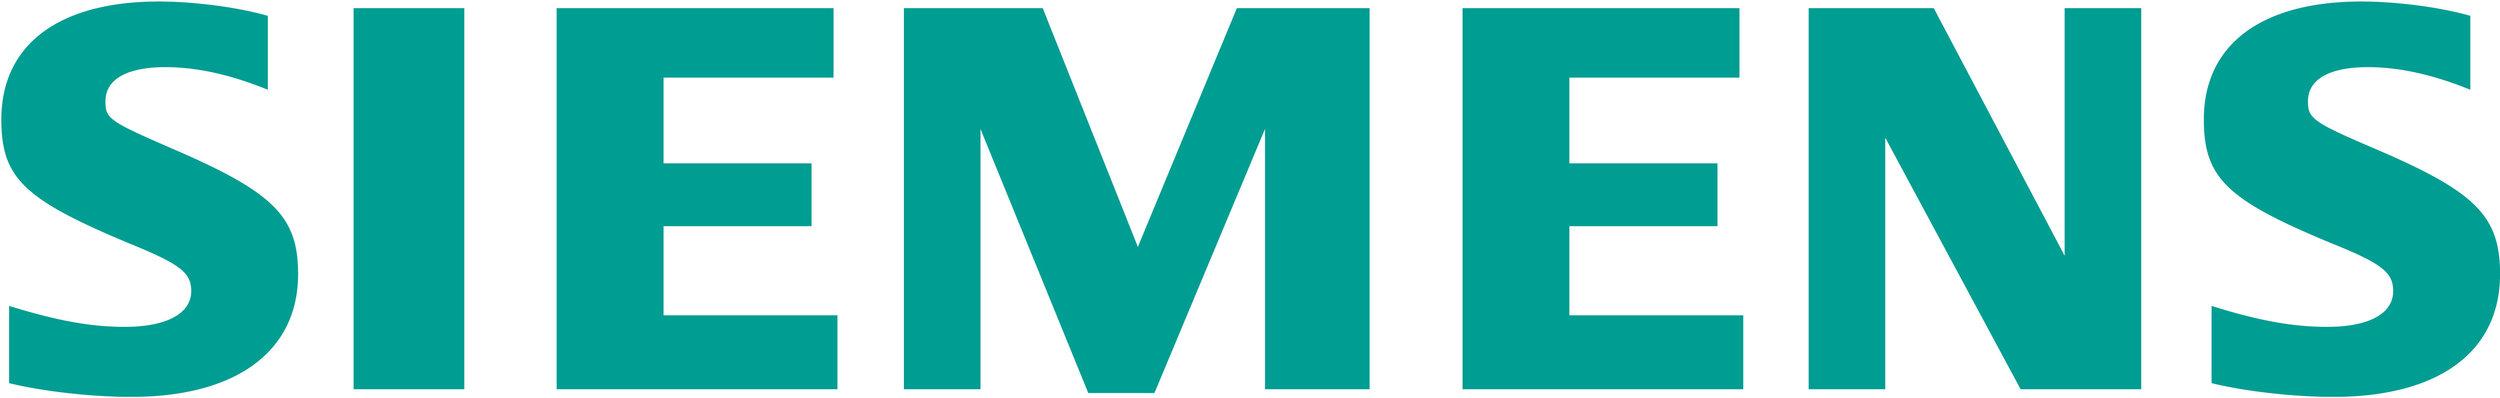 Siemens-Subvenio.jpg